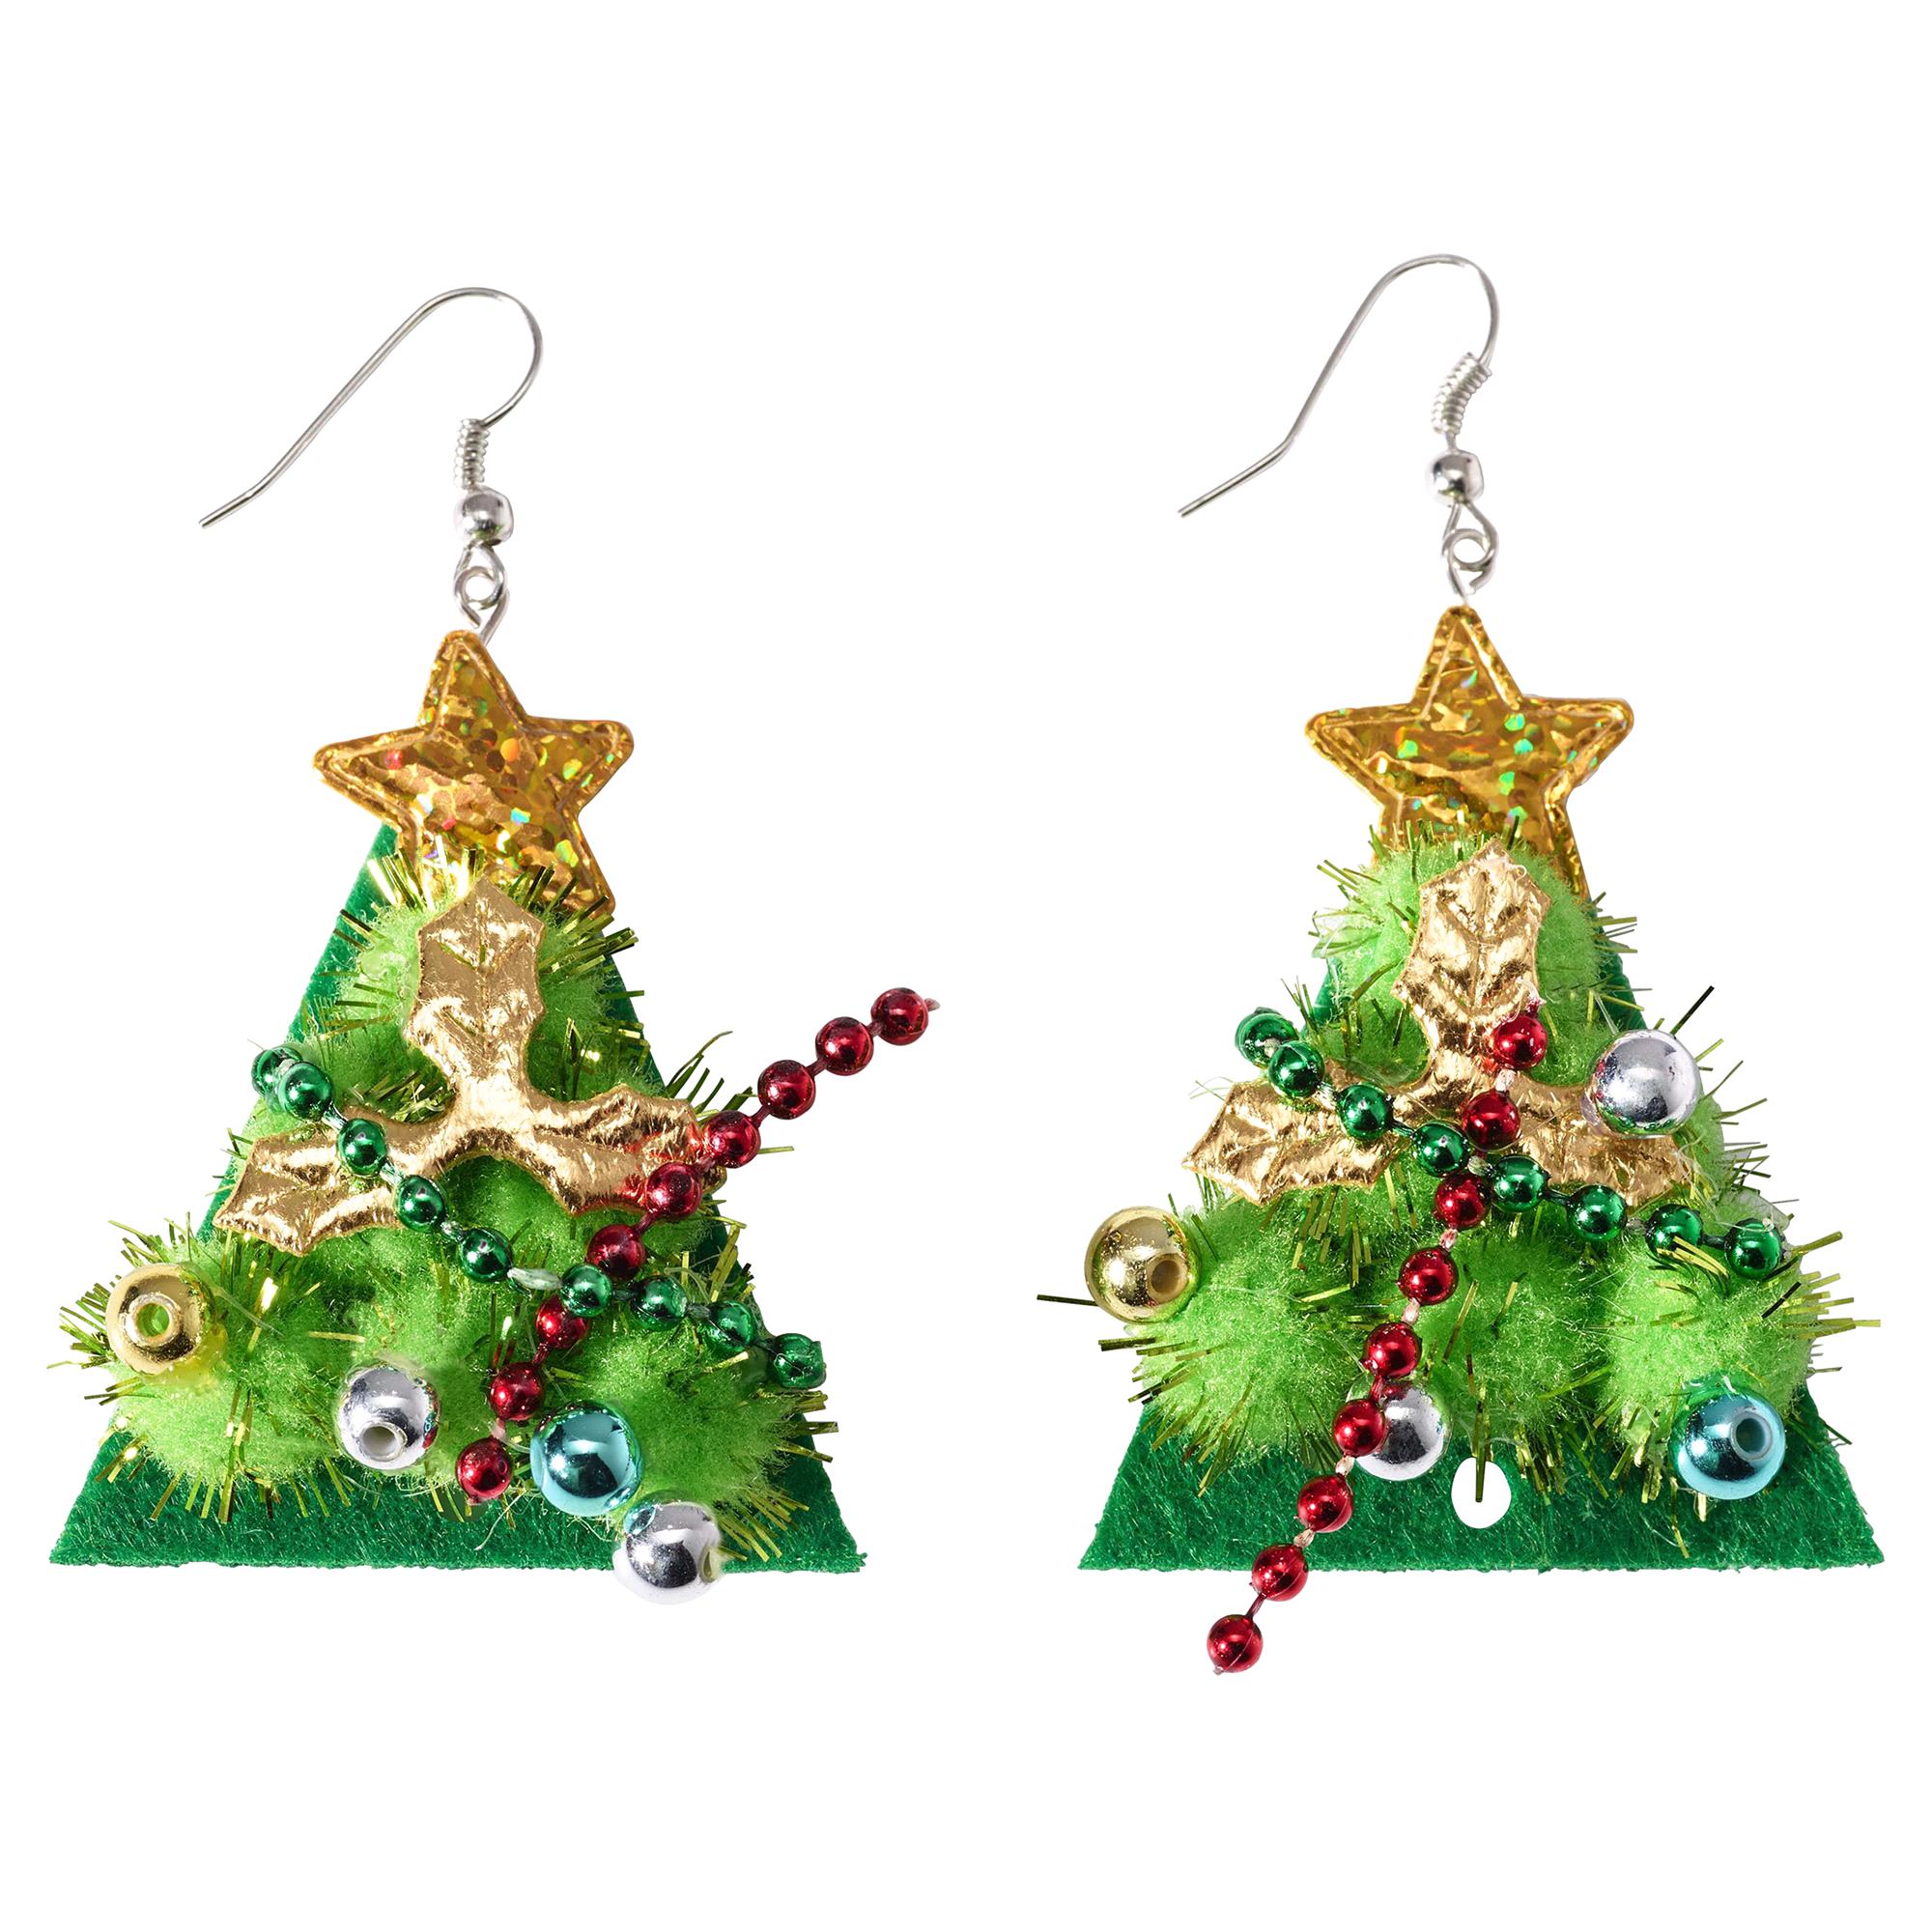 Silver-Tone Green Pom-Pom Christmas Tree Drop Earrings | Meijer.com